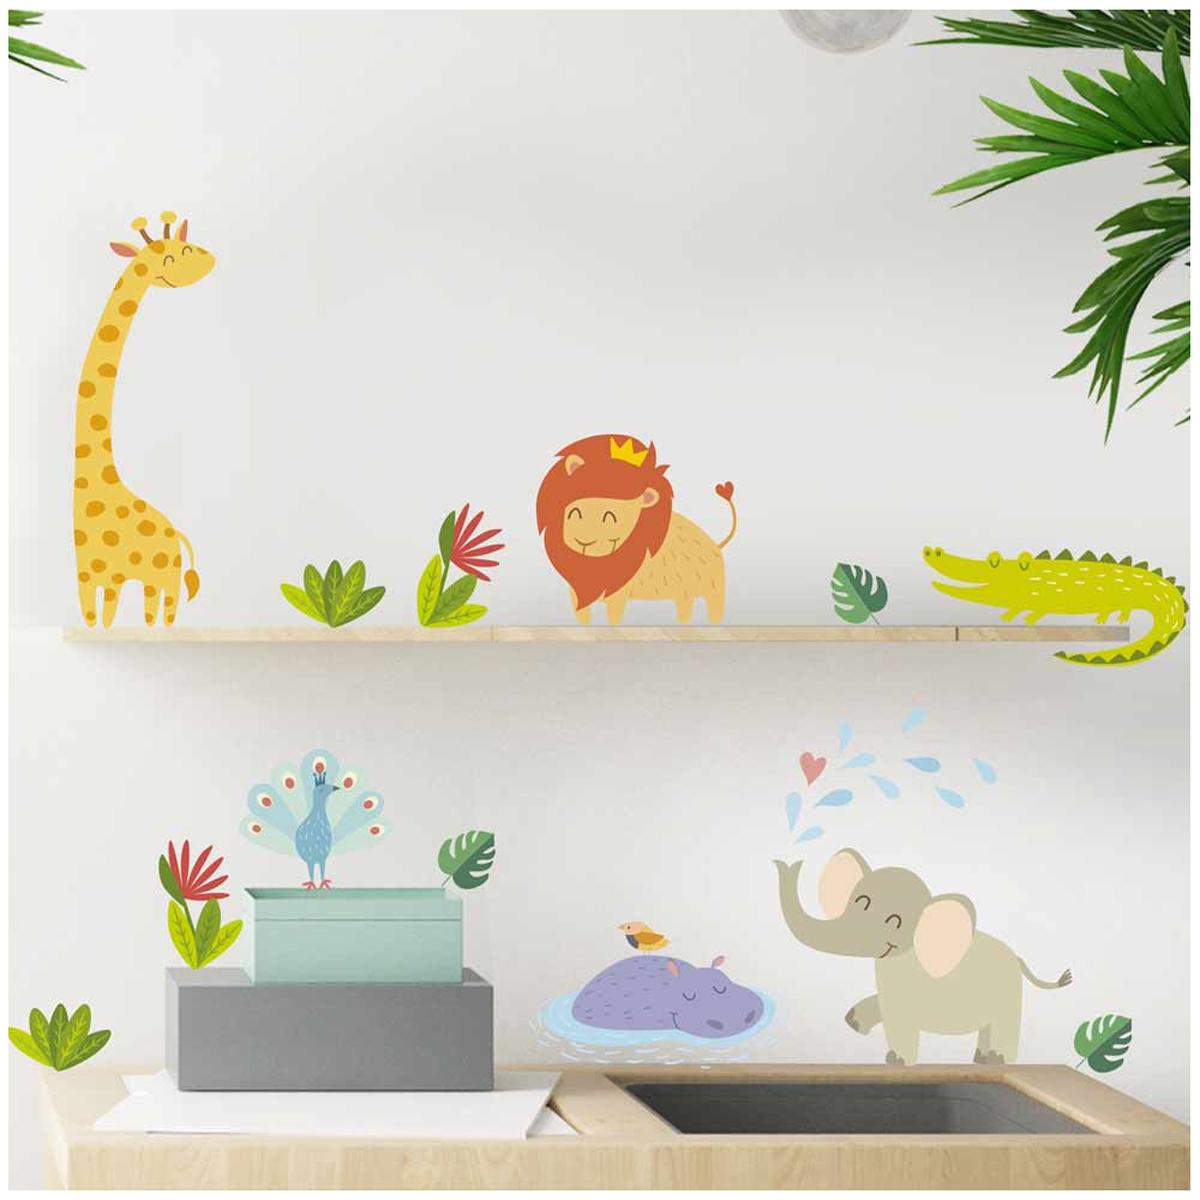 Planche de stickers \'Animaux de la Jungle\' multicolore - 20x70 cm - [A1556]